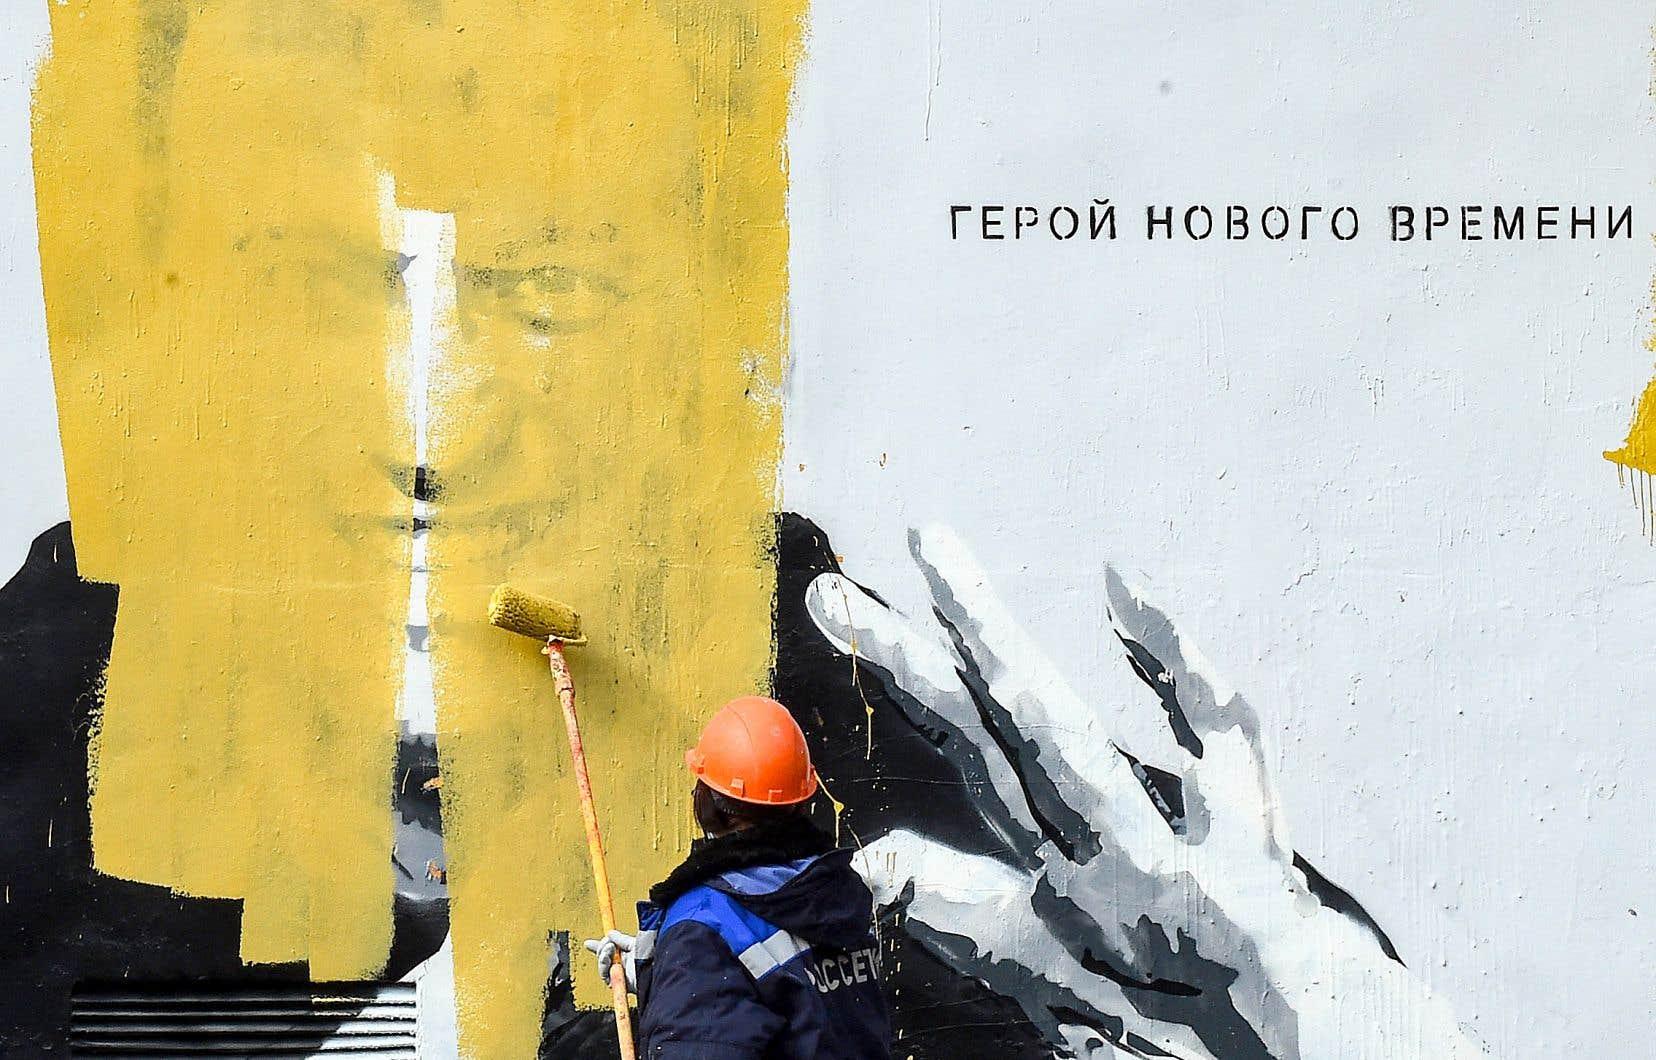 Un ouvrier recouvre une murale représentant l'opposant russe Alexeï Navalny, accompagnée de l'inscription «Le héros des temps nouveaux», à Saint-Pétersbourg.